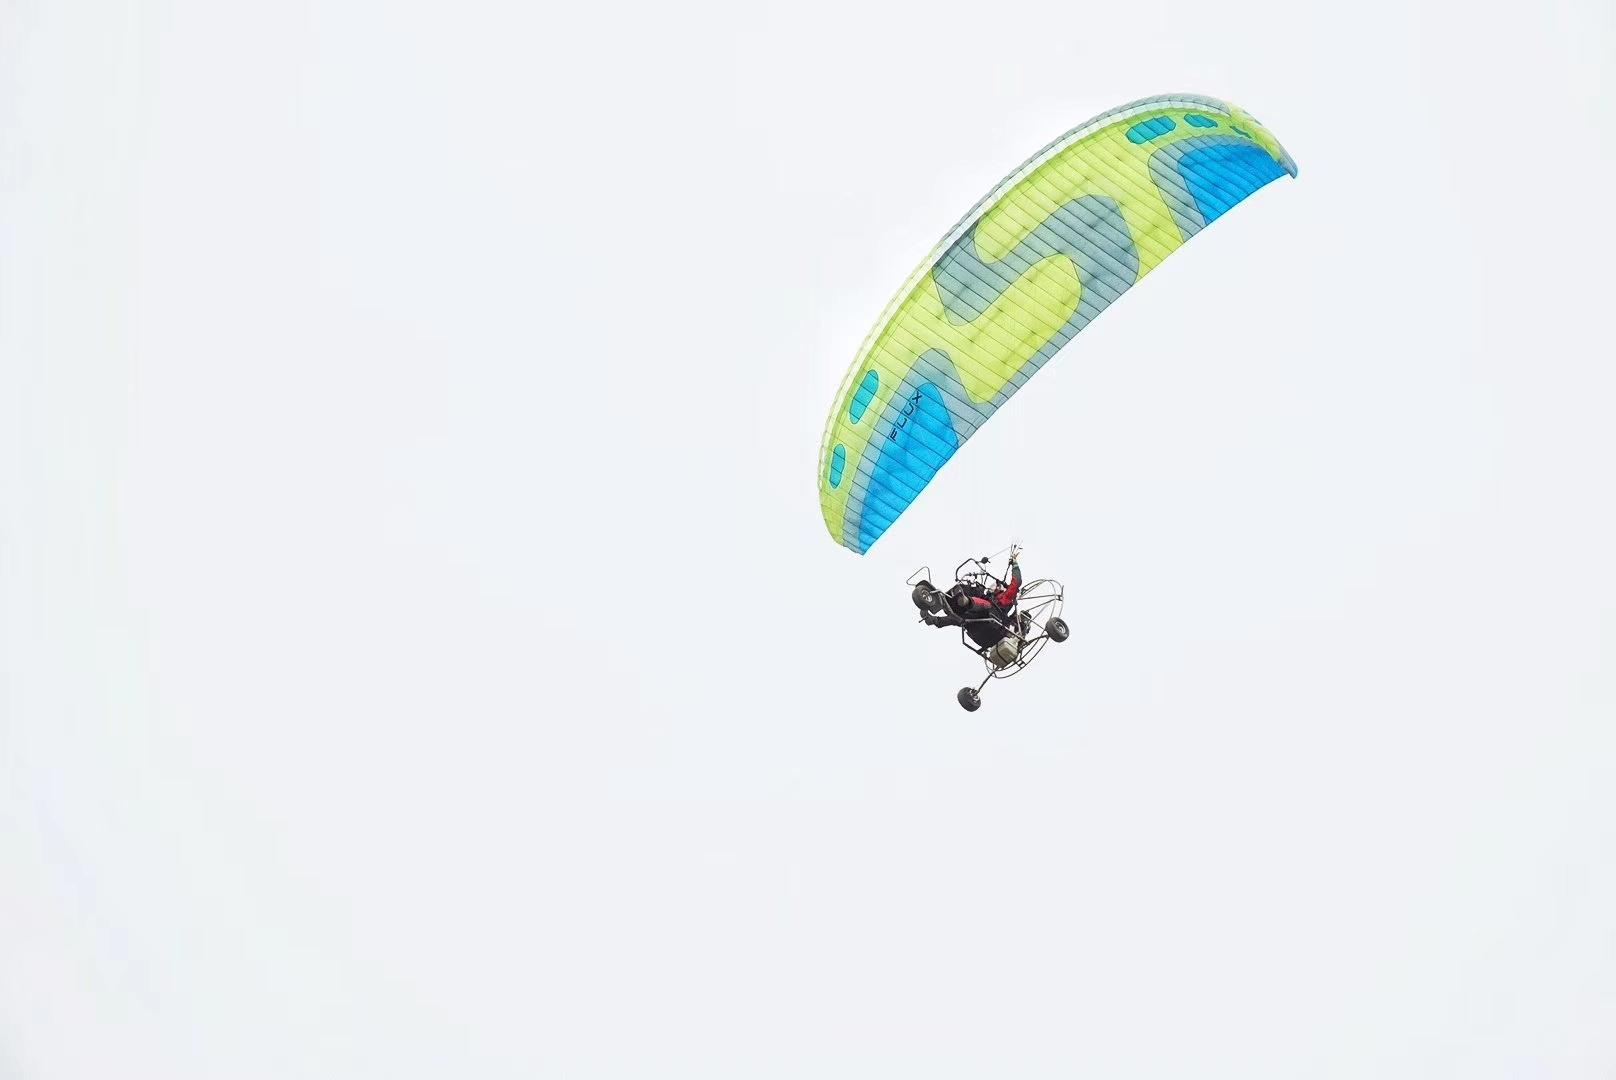 国内滑翔伞地方有那些,杭州亚联滑翔伞俱乐部